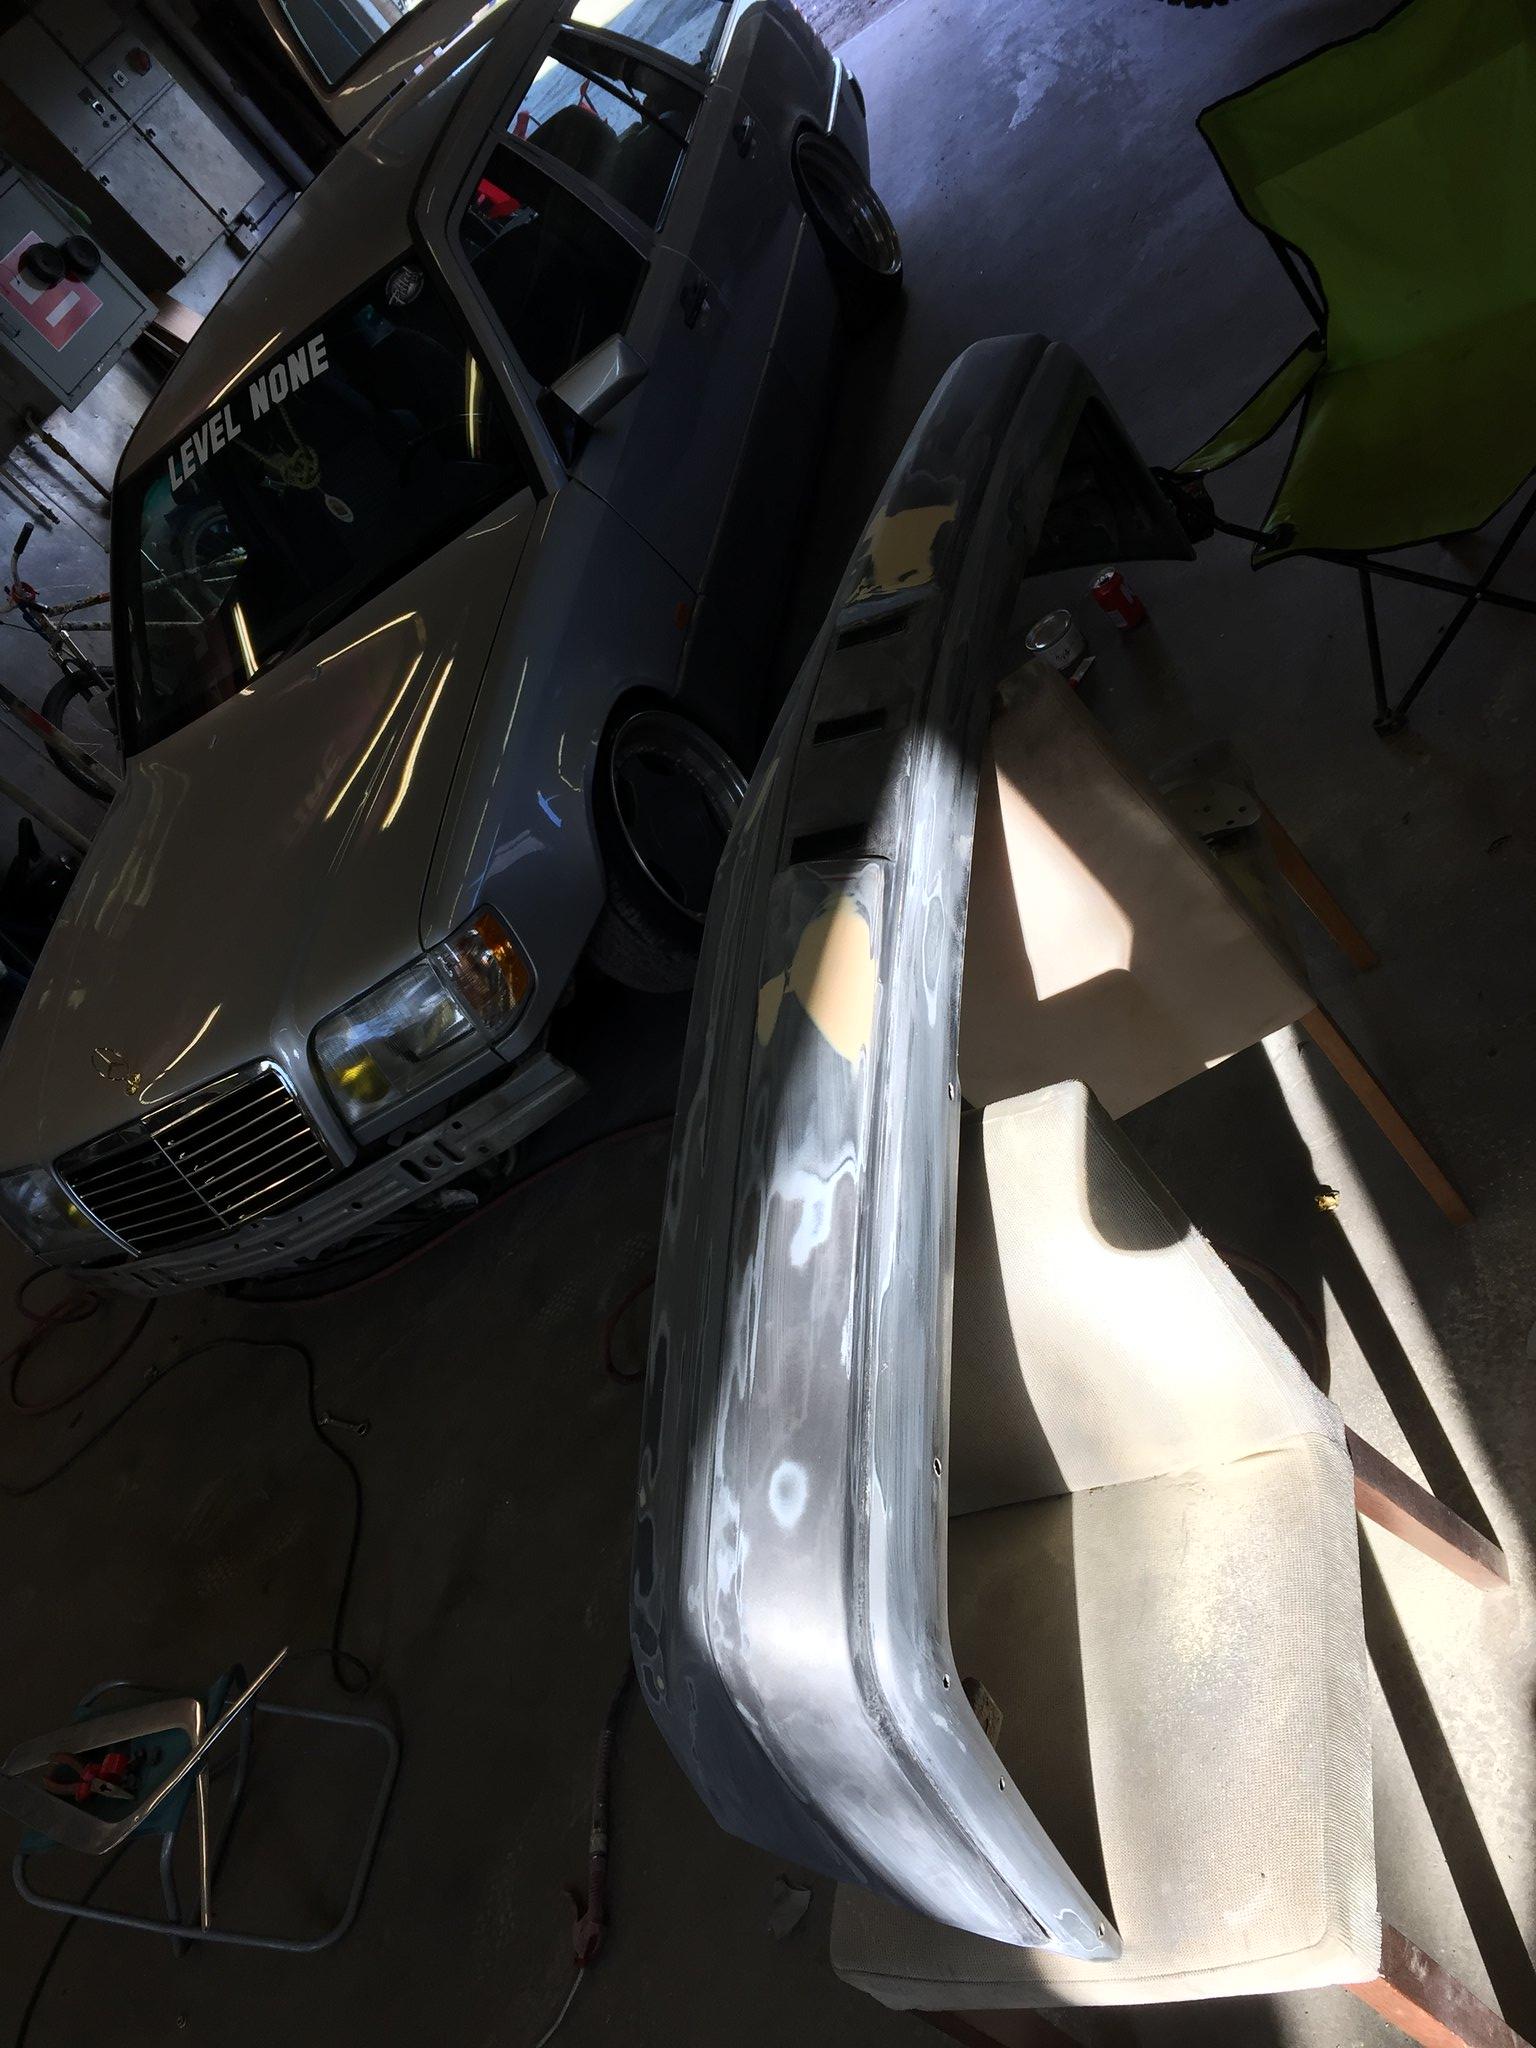 temeee.: Ex S124 & BMW E38 29414011286_f280fd8244_k